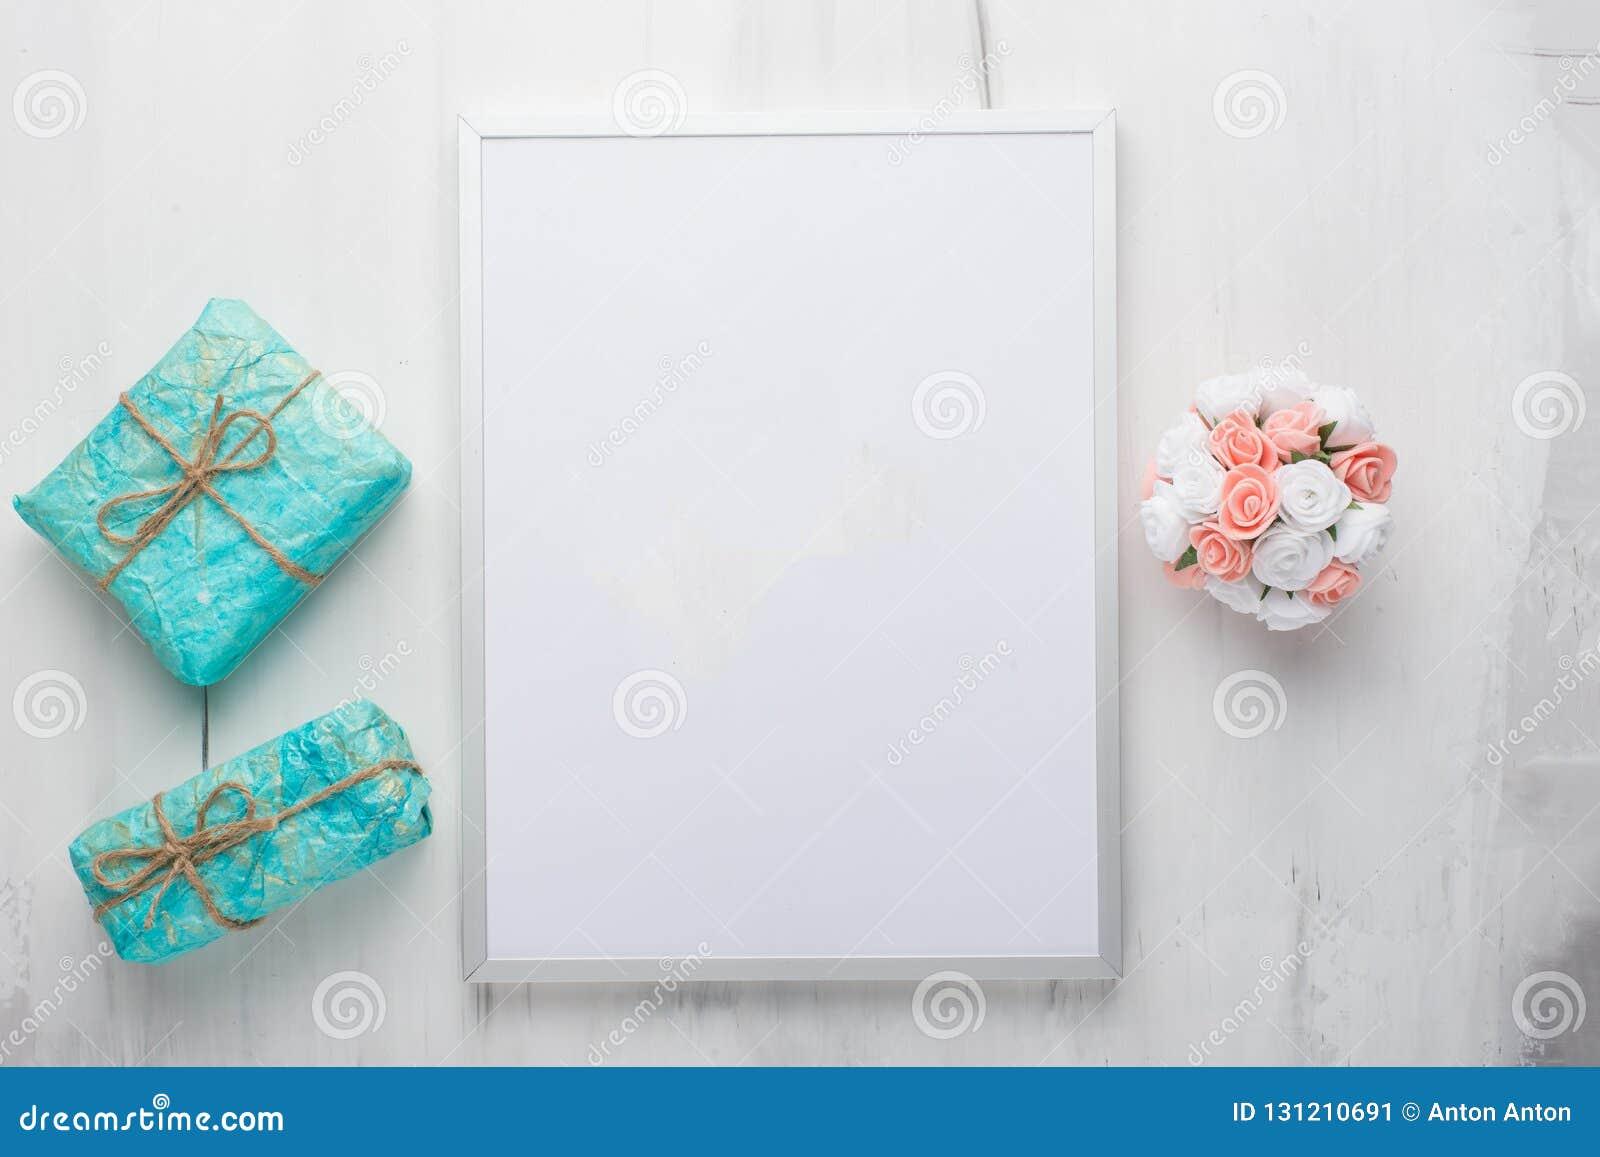 Vue avec des cadeaux sur un fond clair pour placer des dessins et des inscriptions